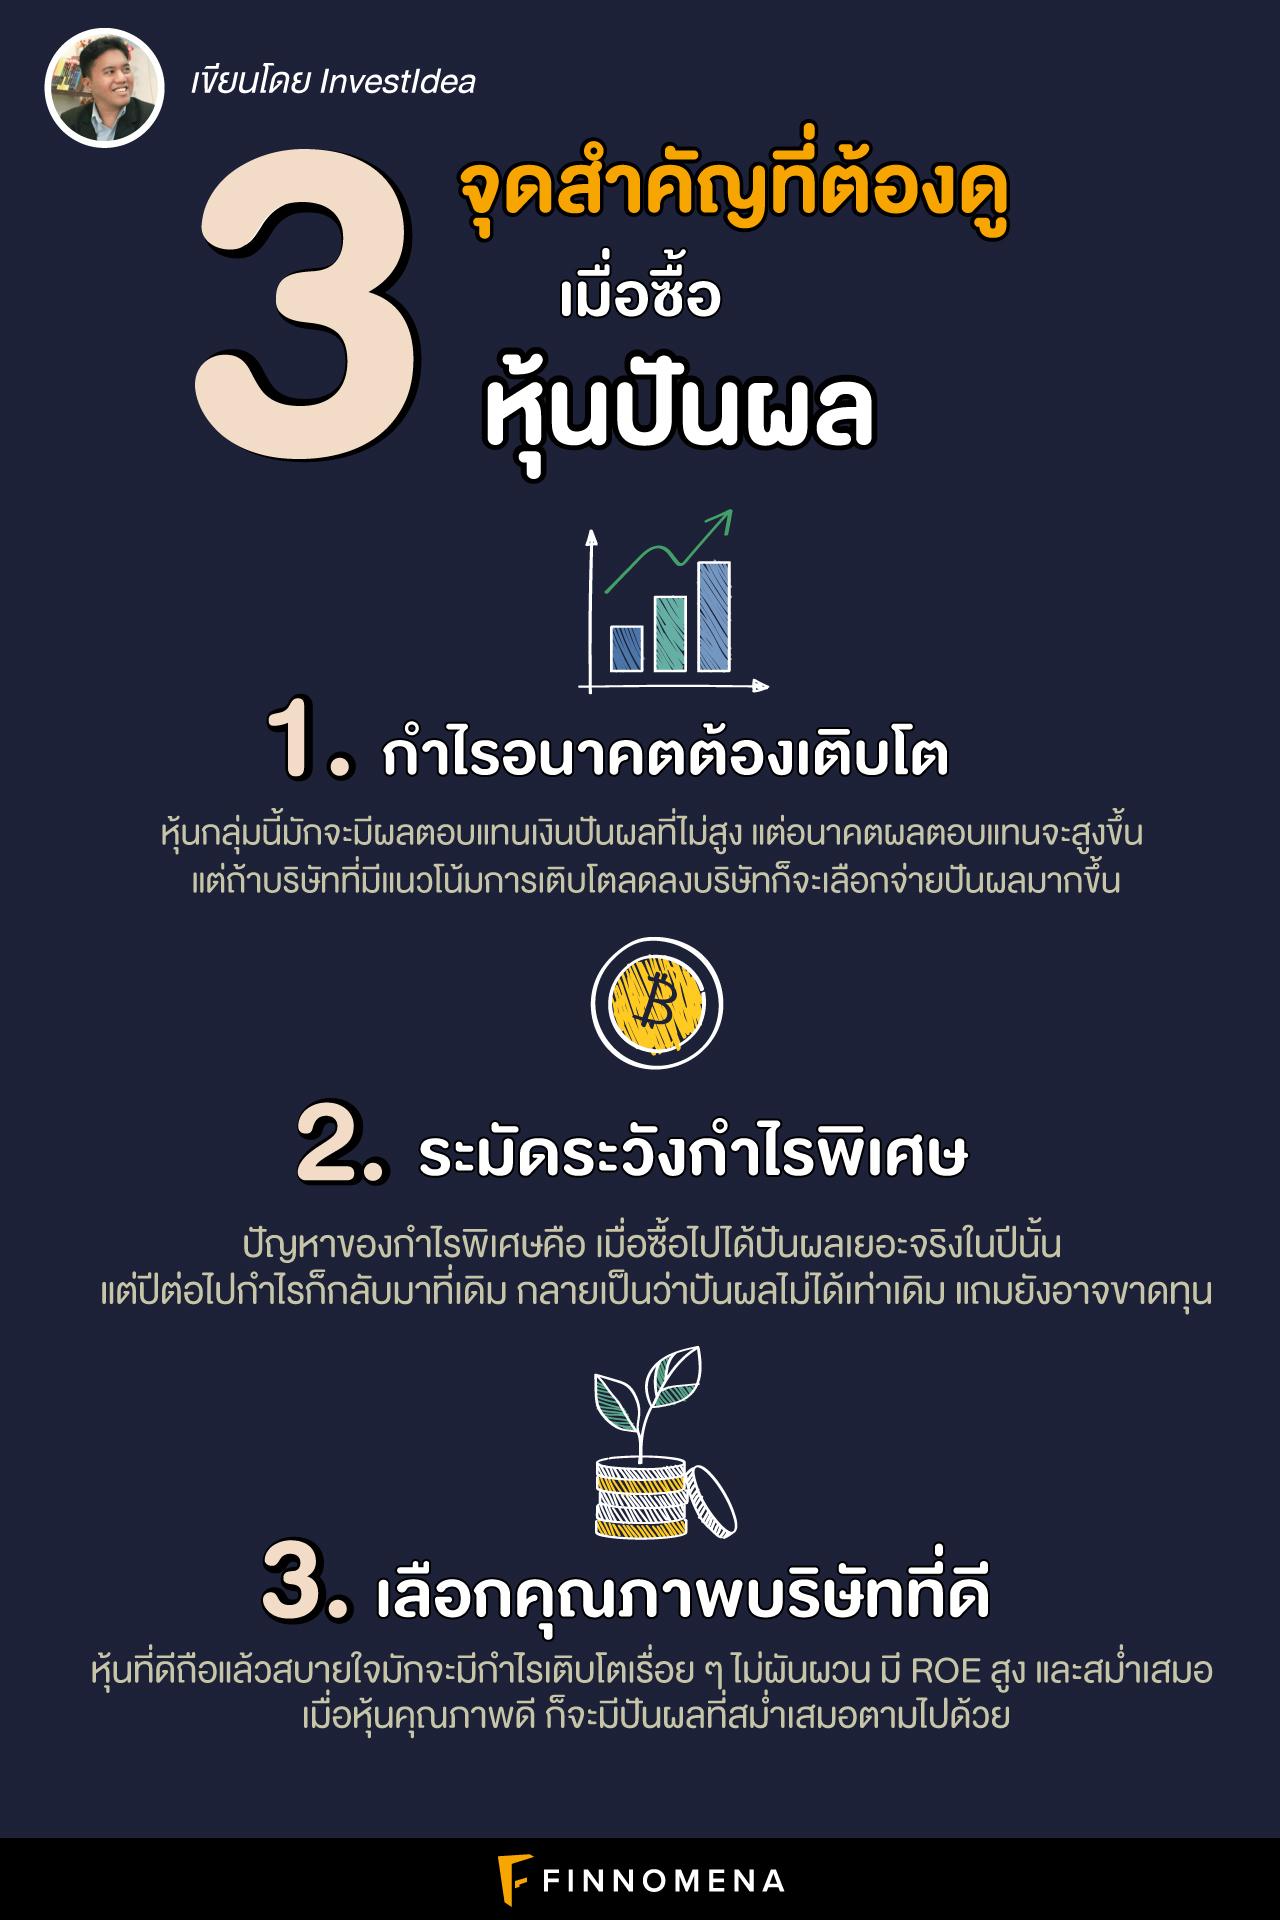 (เงินล้าน) 3 จุดสำคัญที่ต้องดู เมื่อซื้อหุ้นปันผล